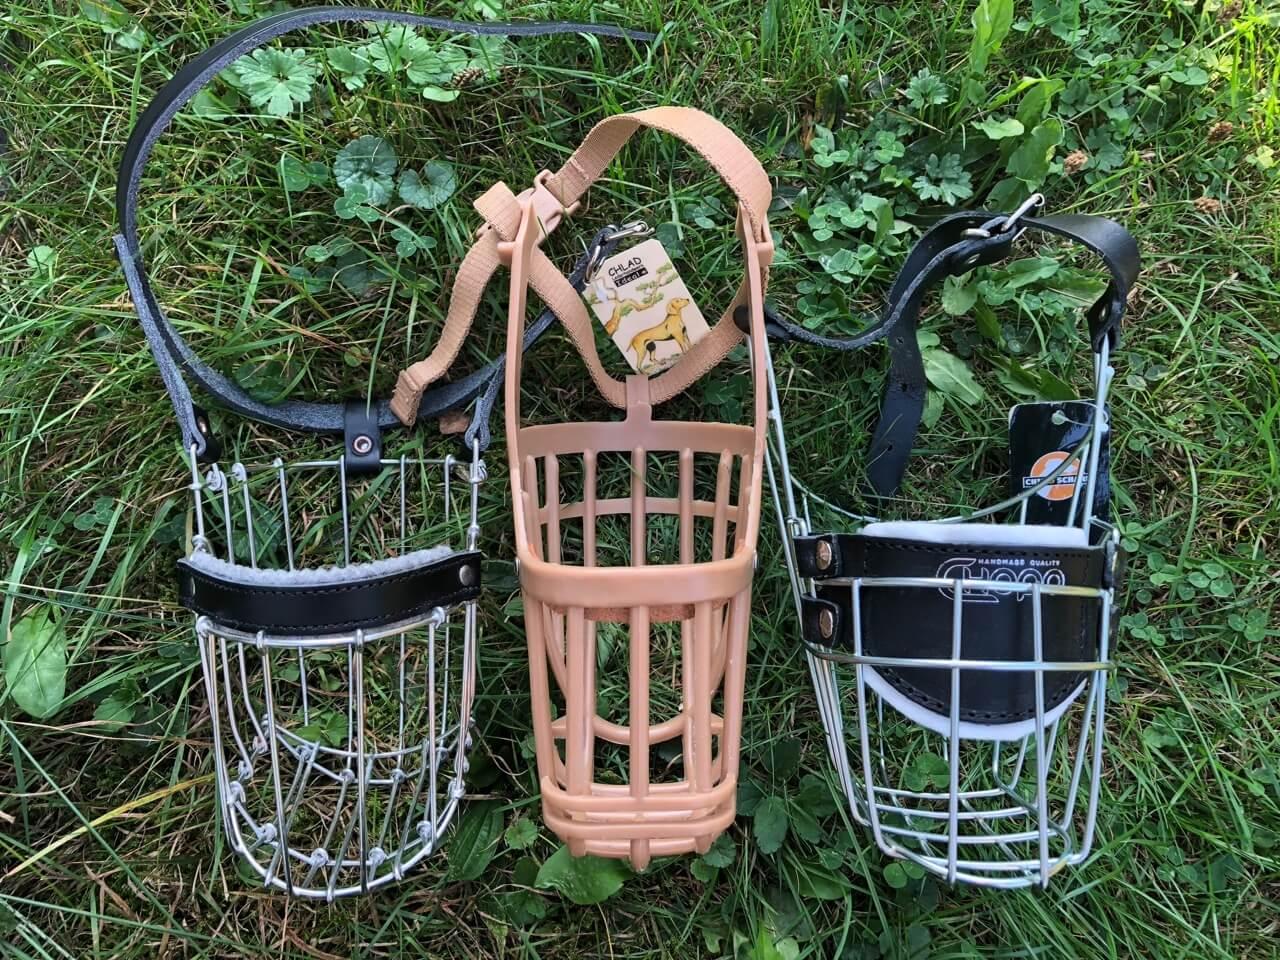 Im Gras stehen ein Maulkorb von Chlad, einer von Baskerville und einer von Chopo nebeneinander und sind von oben fotografiert